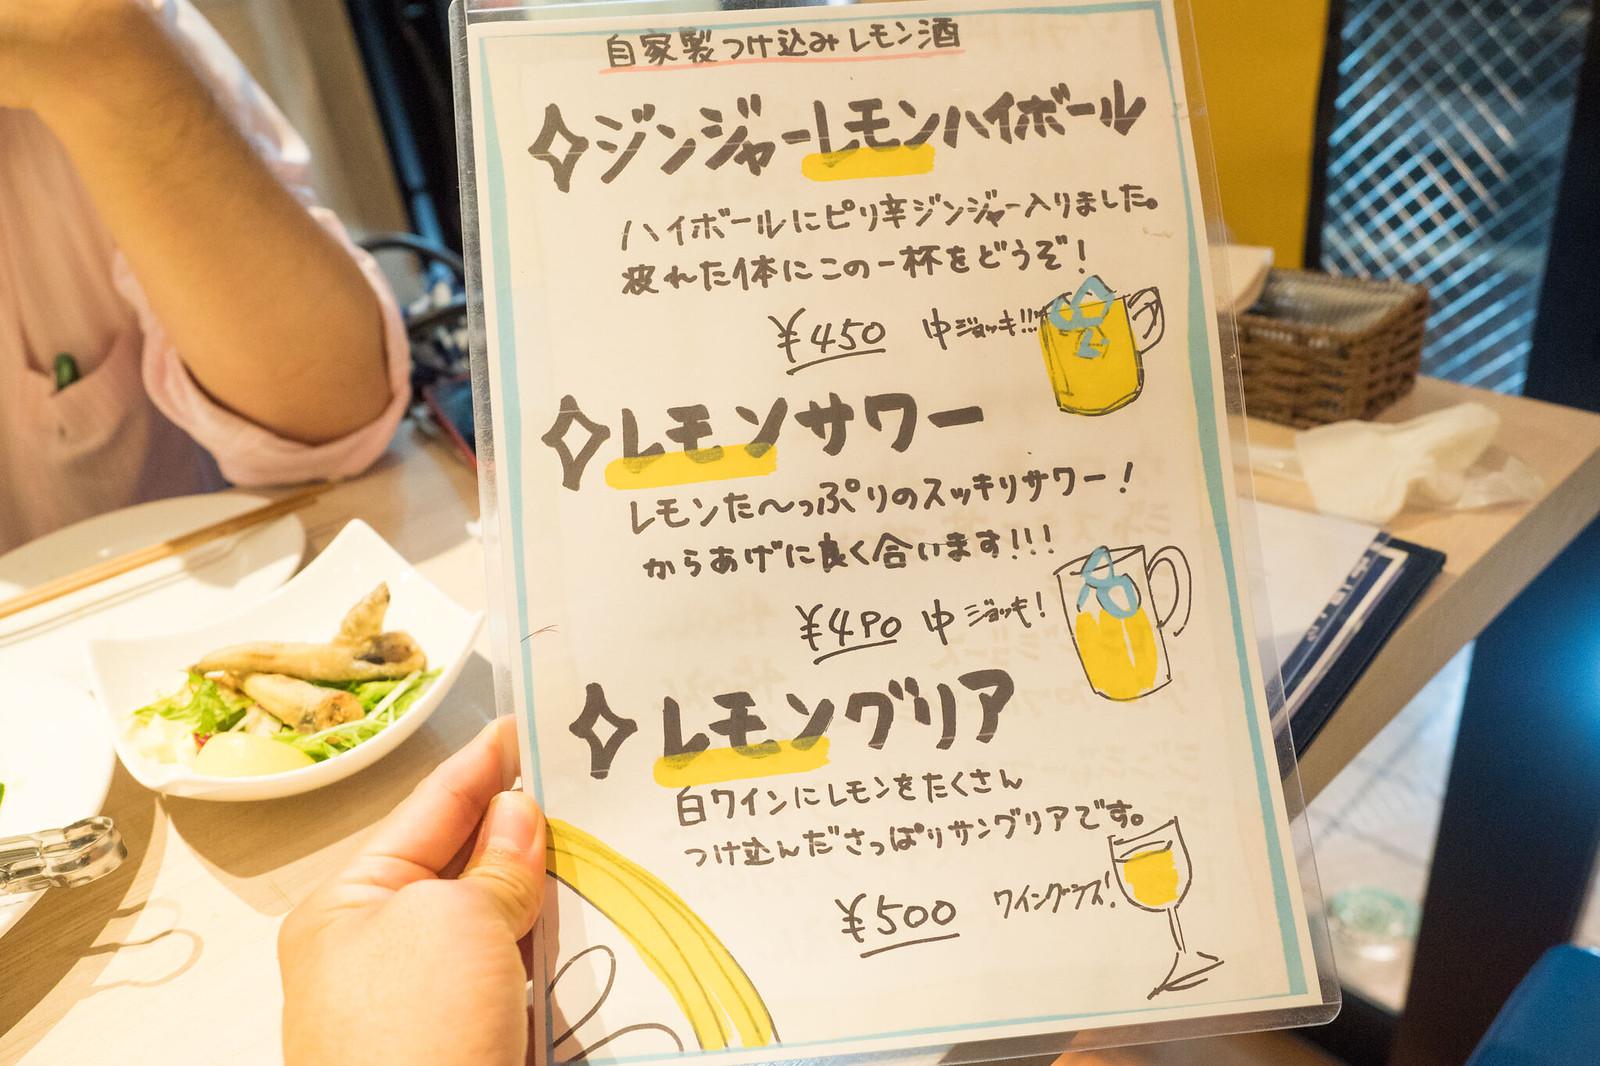 KAMATA_Cafe_karaage-6